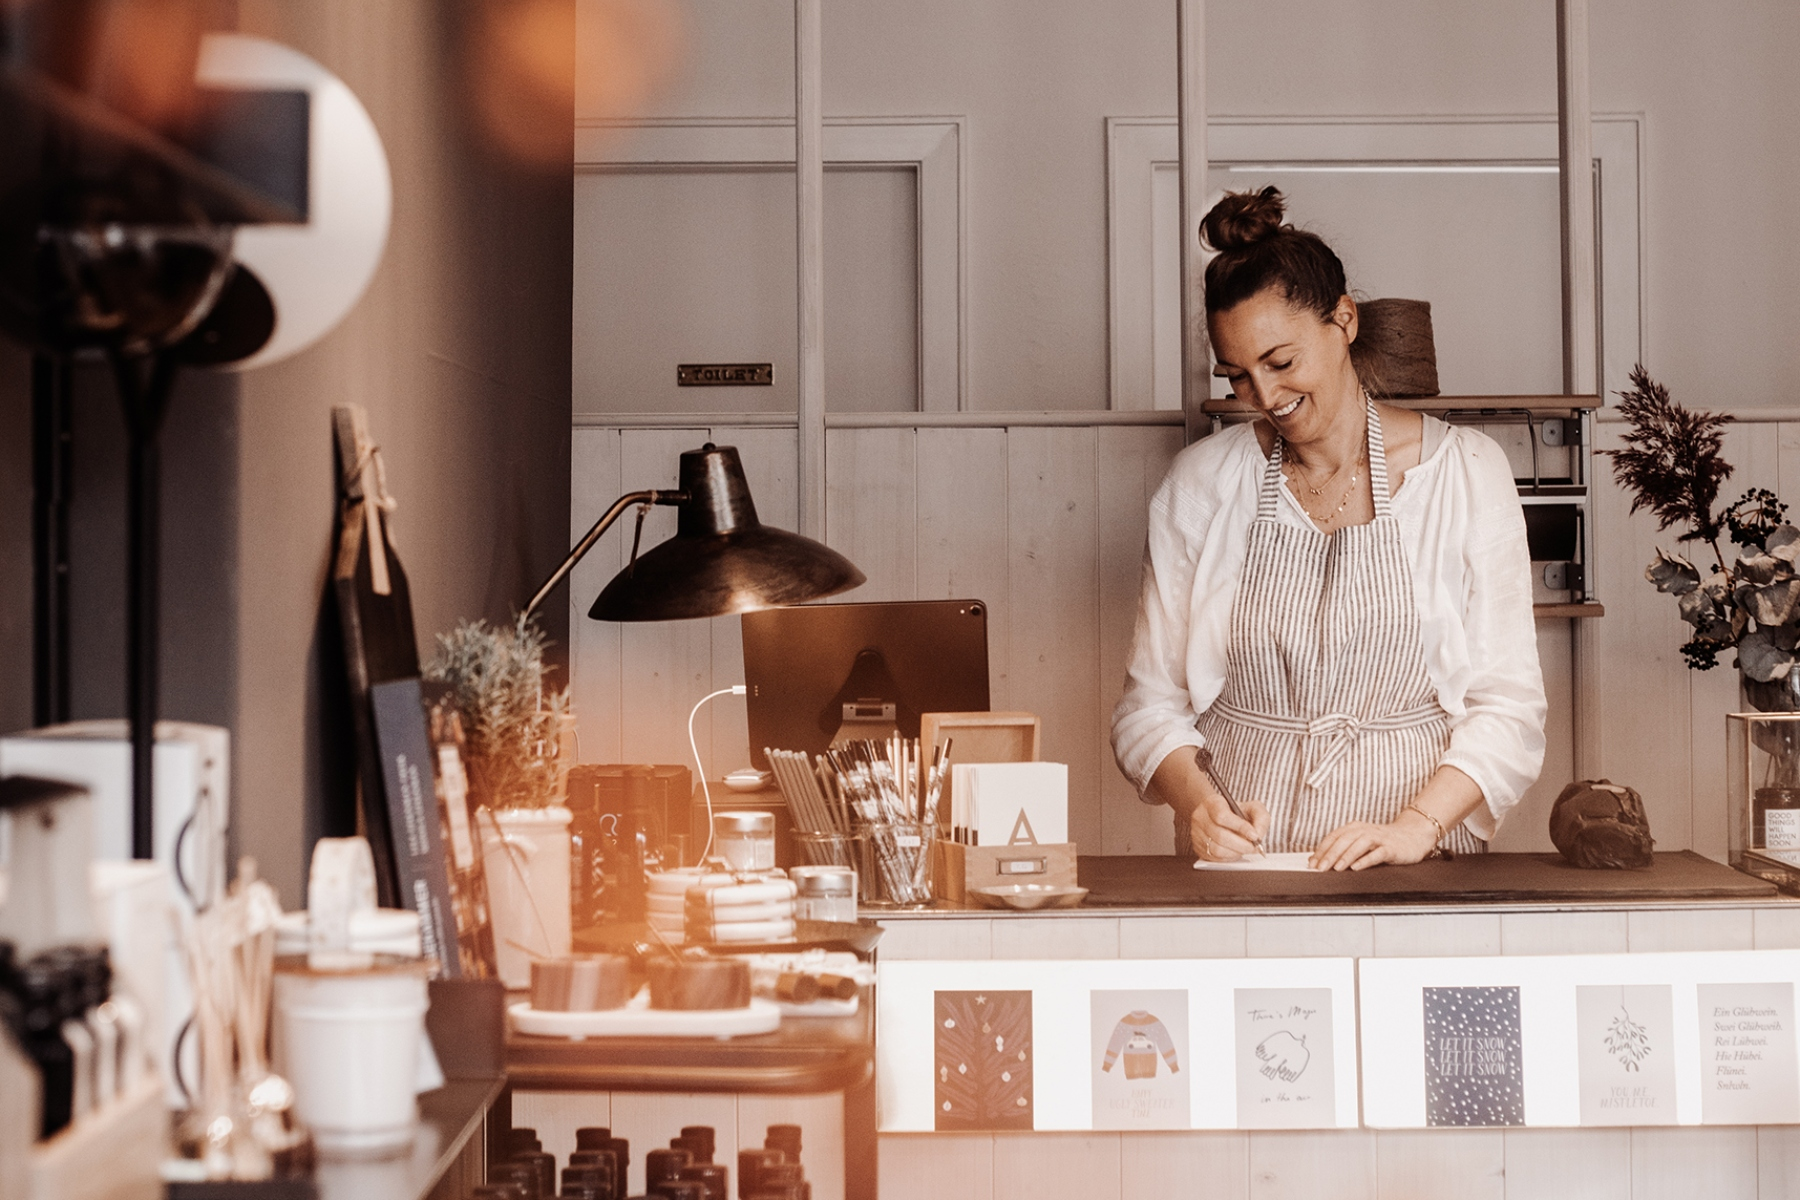 Neben Kaffee findet ihr hier auch ganz viele andere schöne Kleinigkeiten für das eigene Interieur oder zum Verschenken.